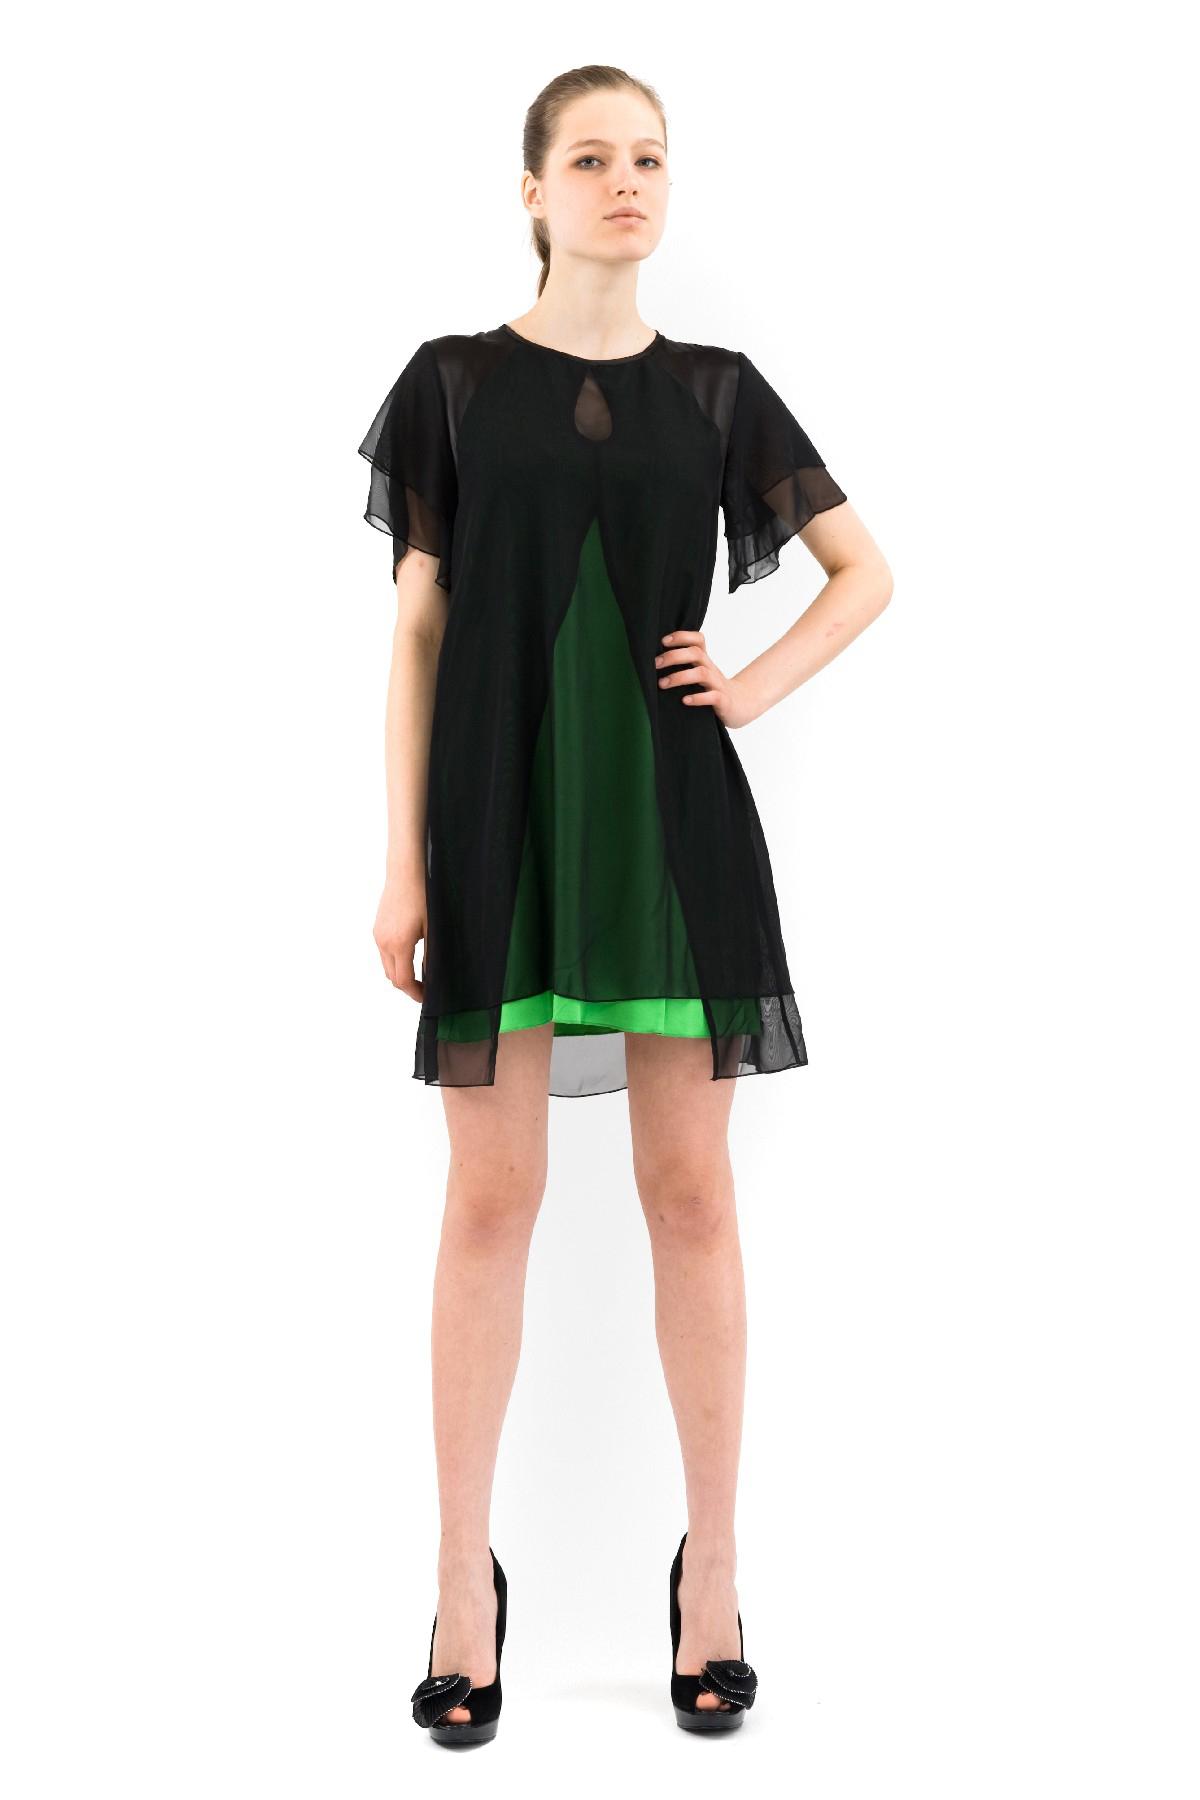 ПлатьеПлатья,  сарафаны<br>Восхитительное платье с шифоновыми рукавами и длиной чуть выше колен. Модель эффектной расцветки смотрится привлекательно и модно. Выполнено из превосходного сочетания двух тканей.<br><br>Цвет: черный,лайм<br>Состав: ткань1-92% вискоза, 8% лайкра, ткань 2-100% полиэстер<br>Размер: 40,42,44,46,48,50,52,56,58<br>Страна дизайна: Россия<br>Страна производства: Россия